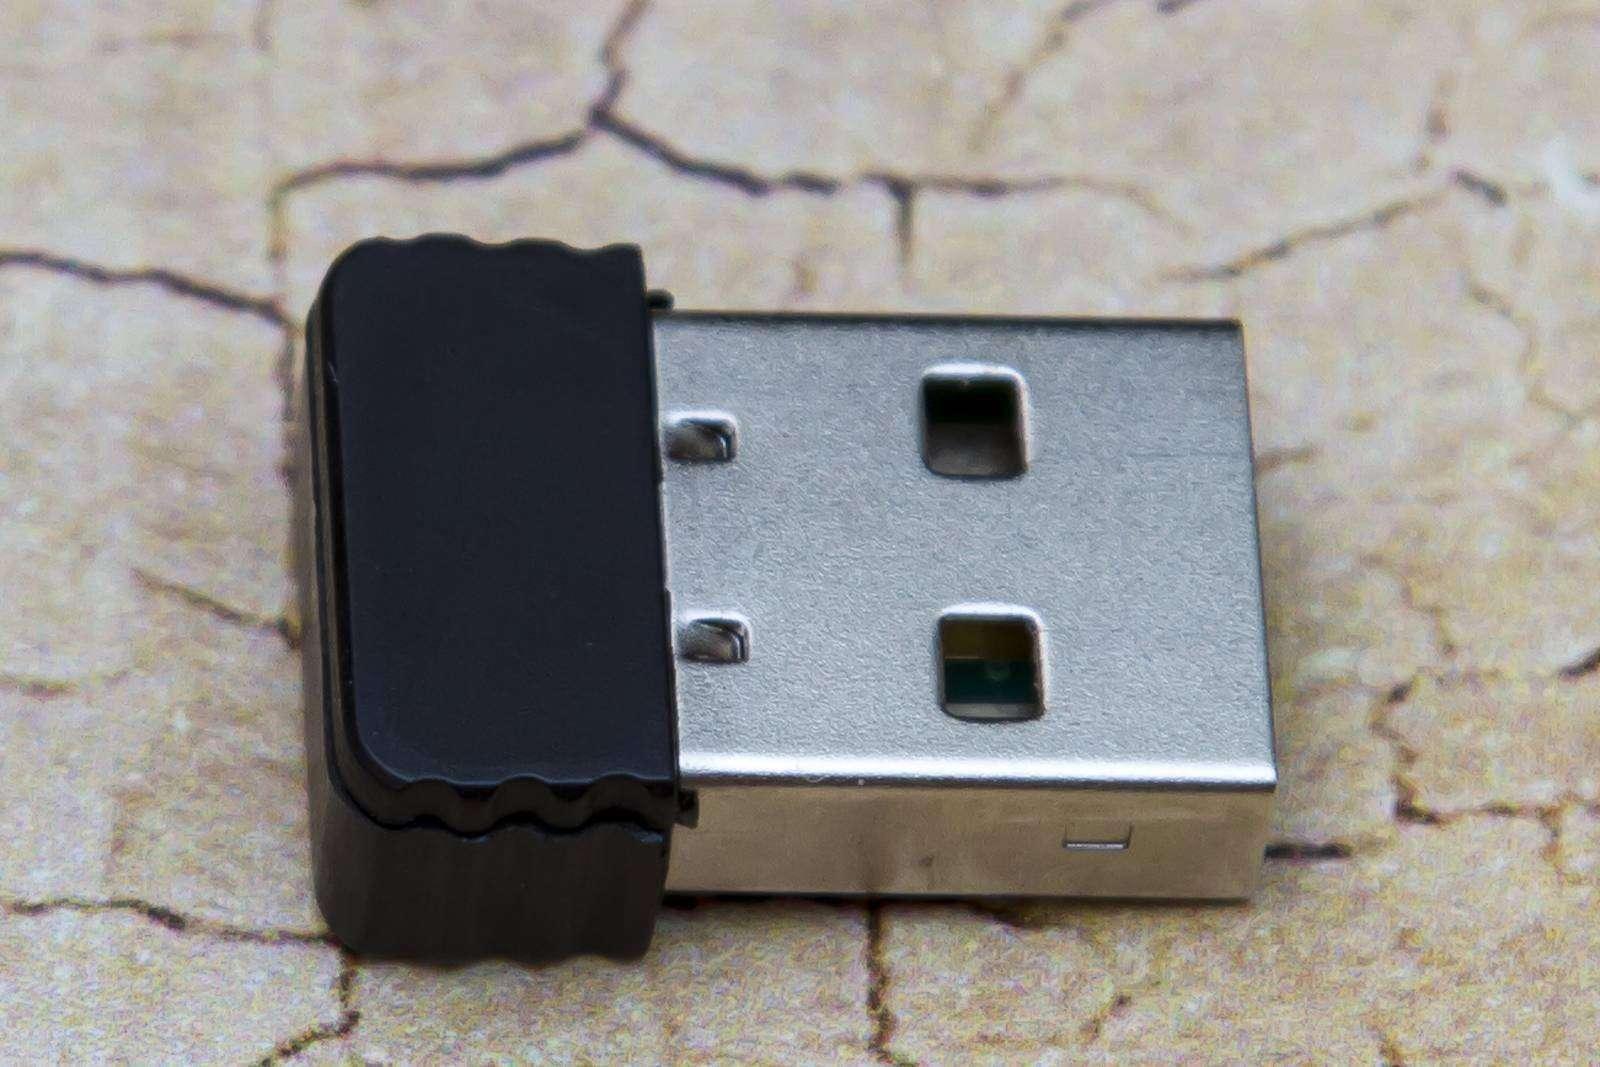 GearBest: Беспроводная клавиатура с тачпедом - Viboton S1, с русскими буквами